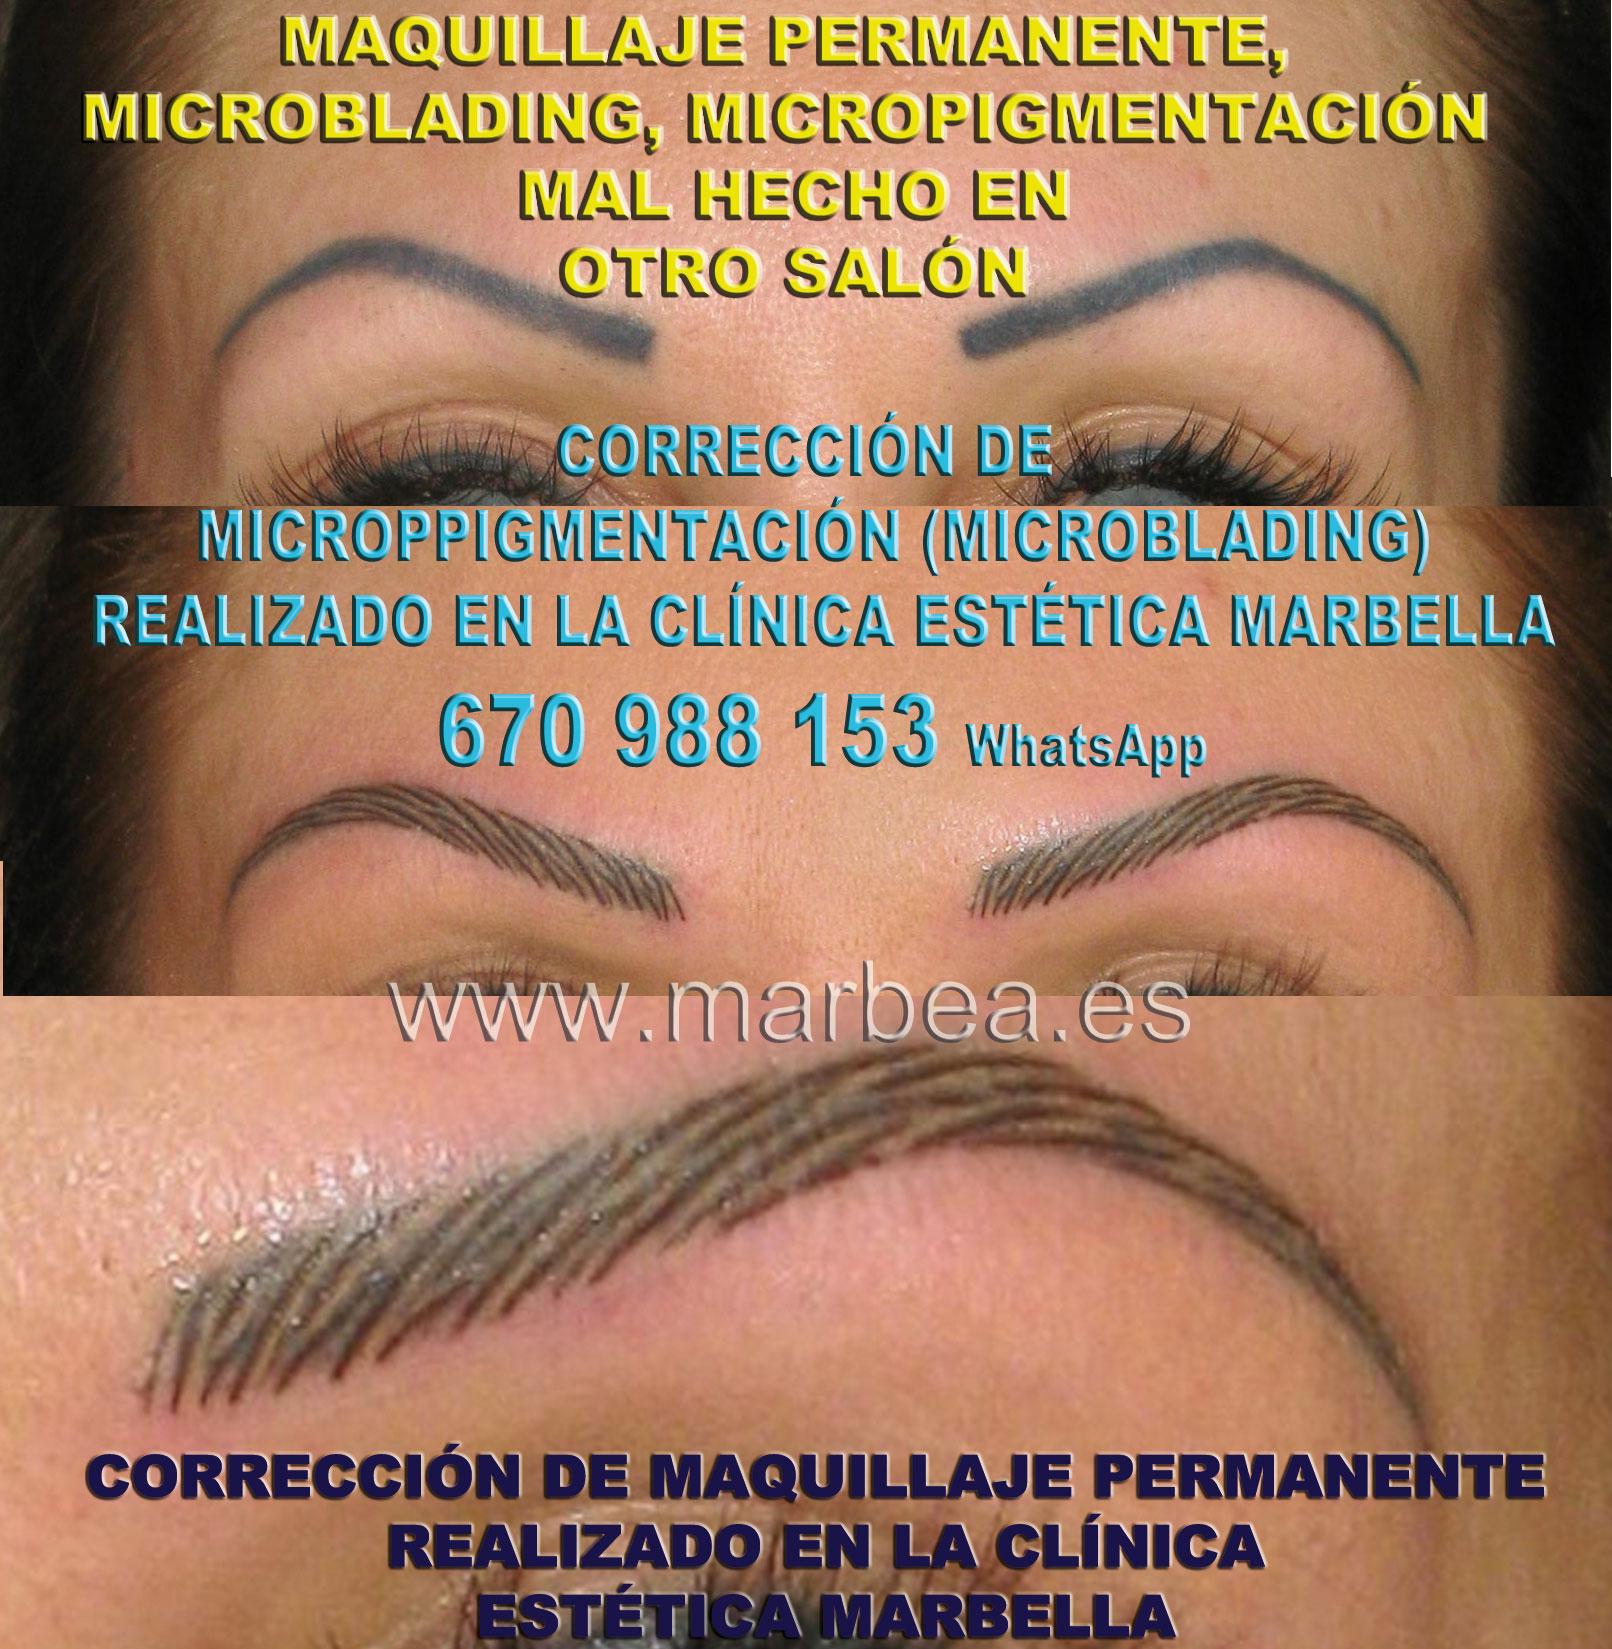 ELIMINAR LA MICROPIGMENTACIÓN DE CEJAS MAL HECHAS clínica estética tatuaje entrega eliminar la micropigmentación de cejas,reparamos microppigmentacion mal hechos en Marbella or Málaga.